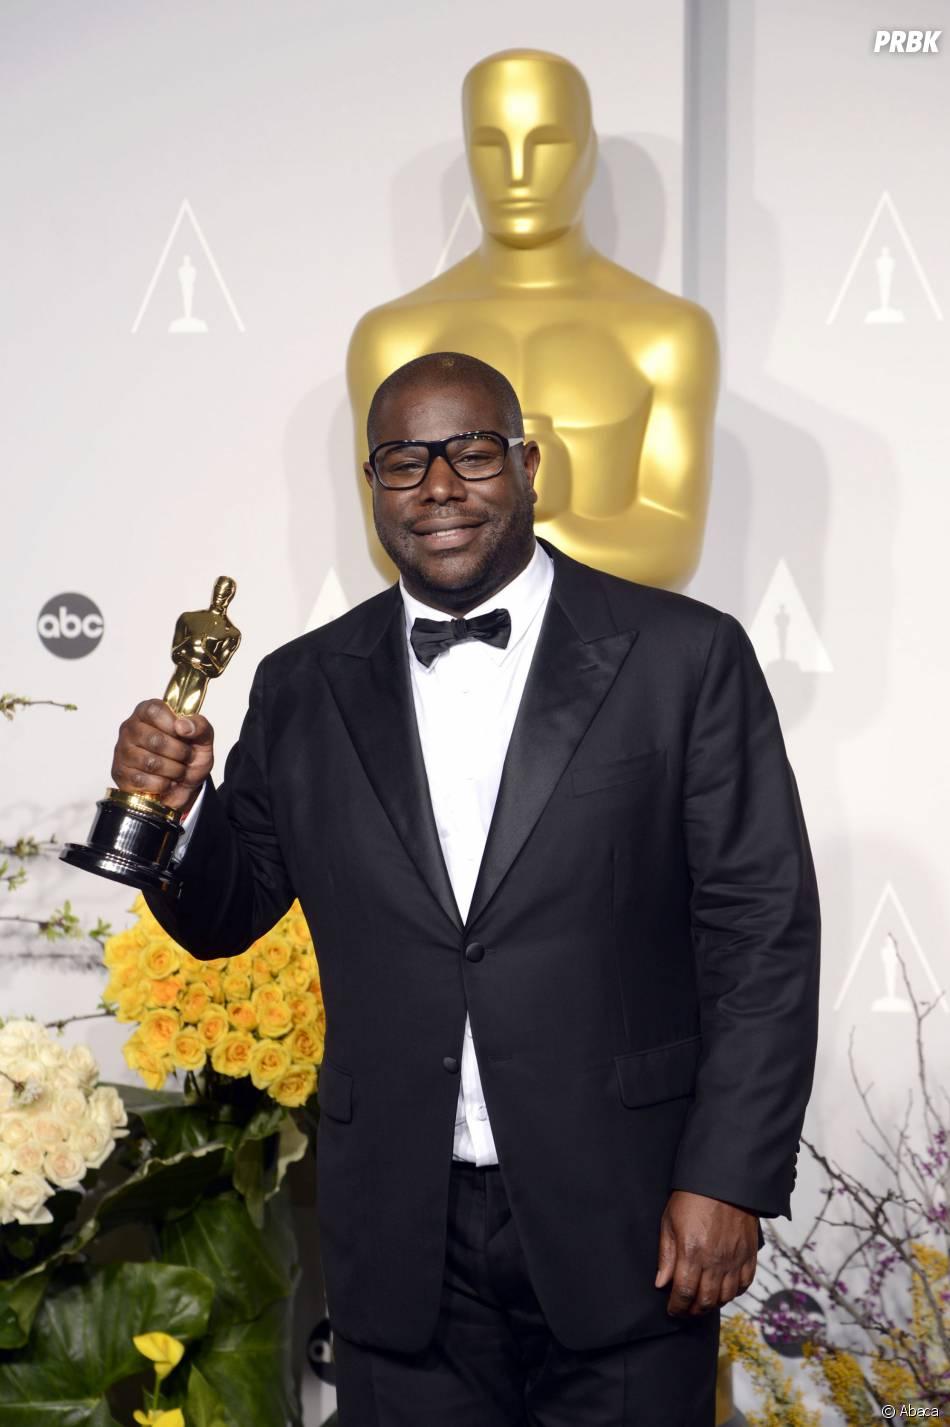 Steve McQueen et 12 Years a Slave gagnants aux Oscars 2014 le 2 mars à Los Angeles